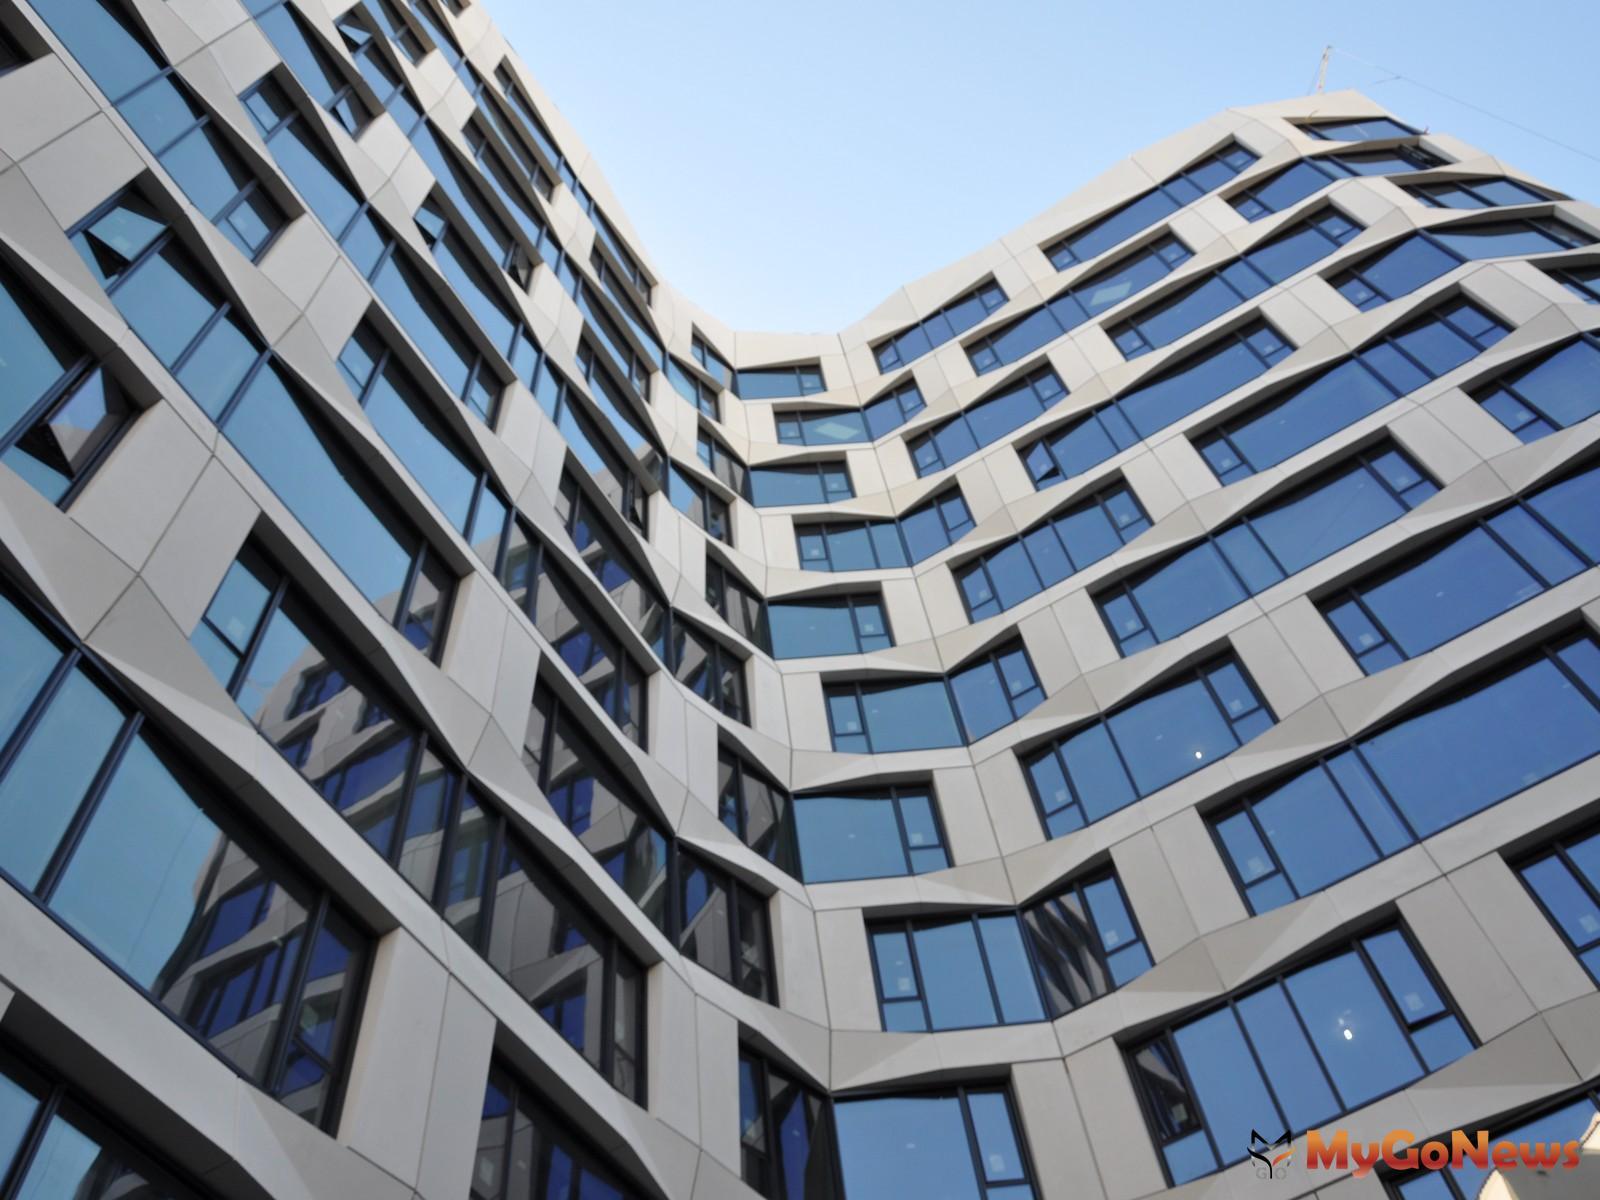 舊金山 飯店宅「尚芮公寓SERIF」力邀擁有豐富精品飯店宅開發及管理口碑的Sydell Group飯店集團進駐 。 MyGoNews房地產新聞 熱銷推案